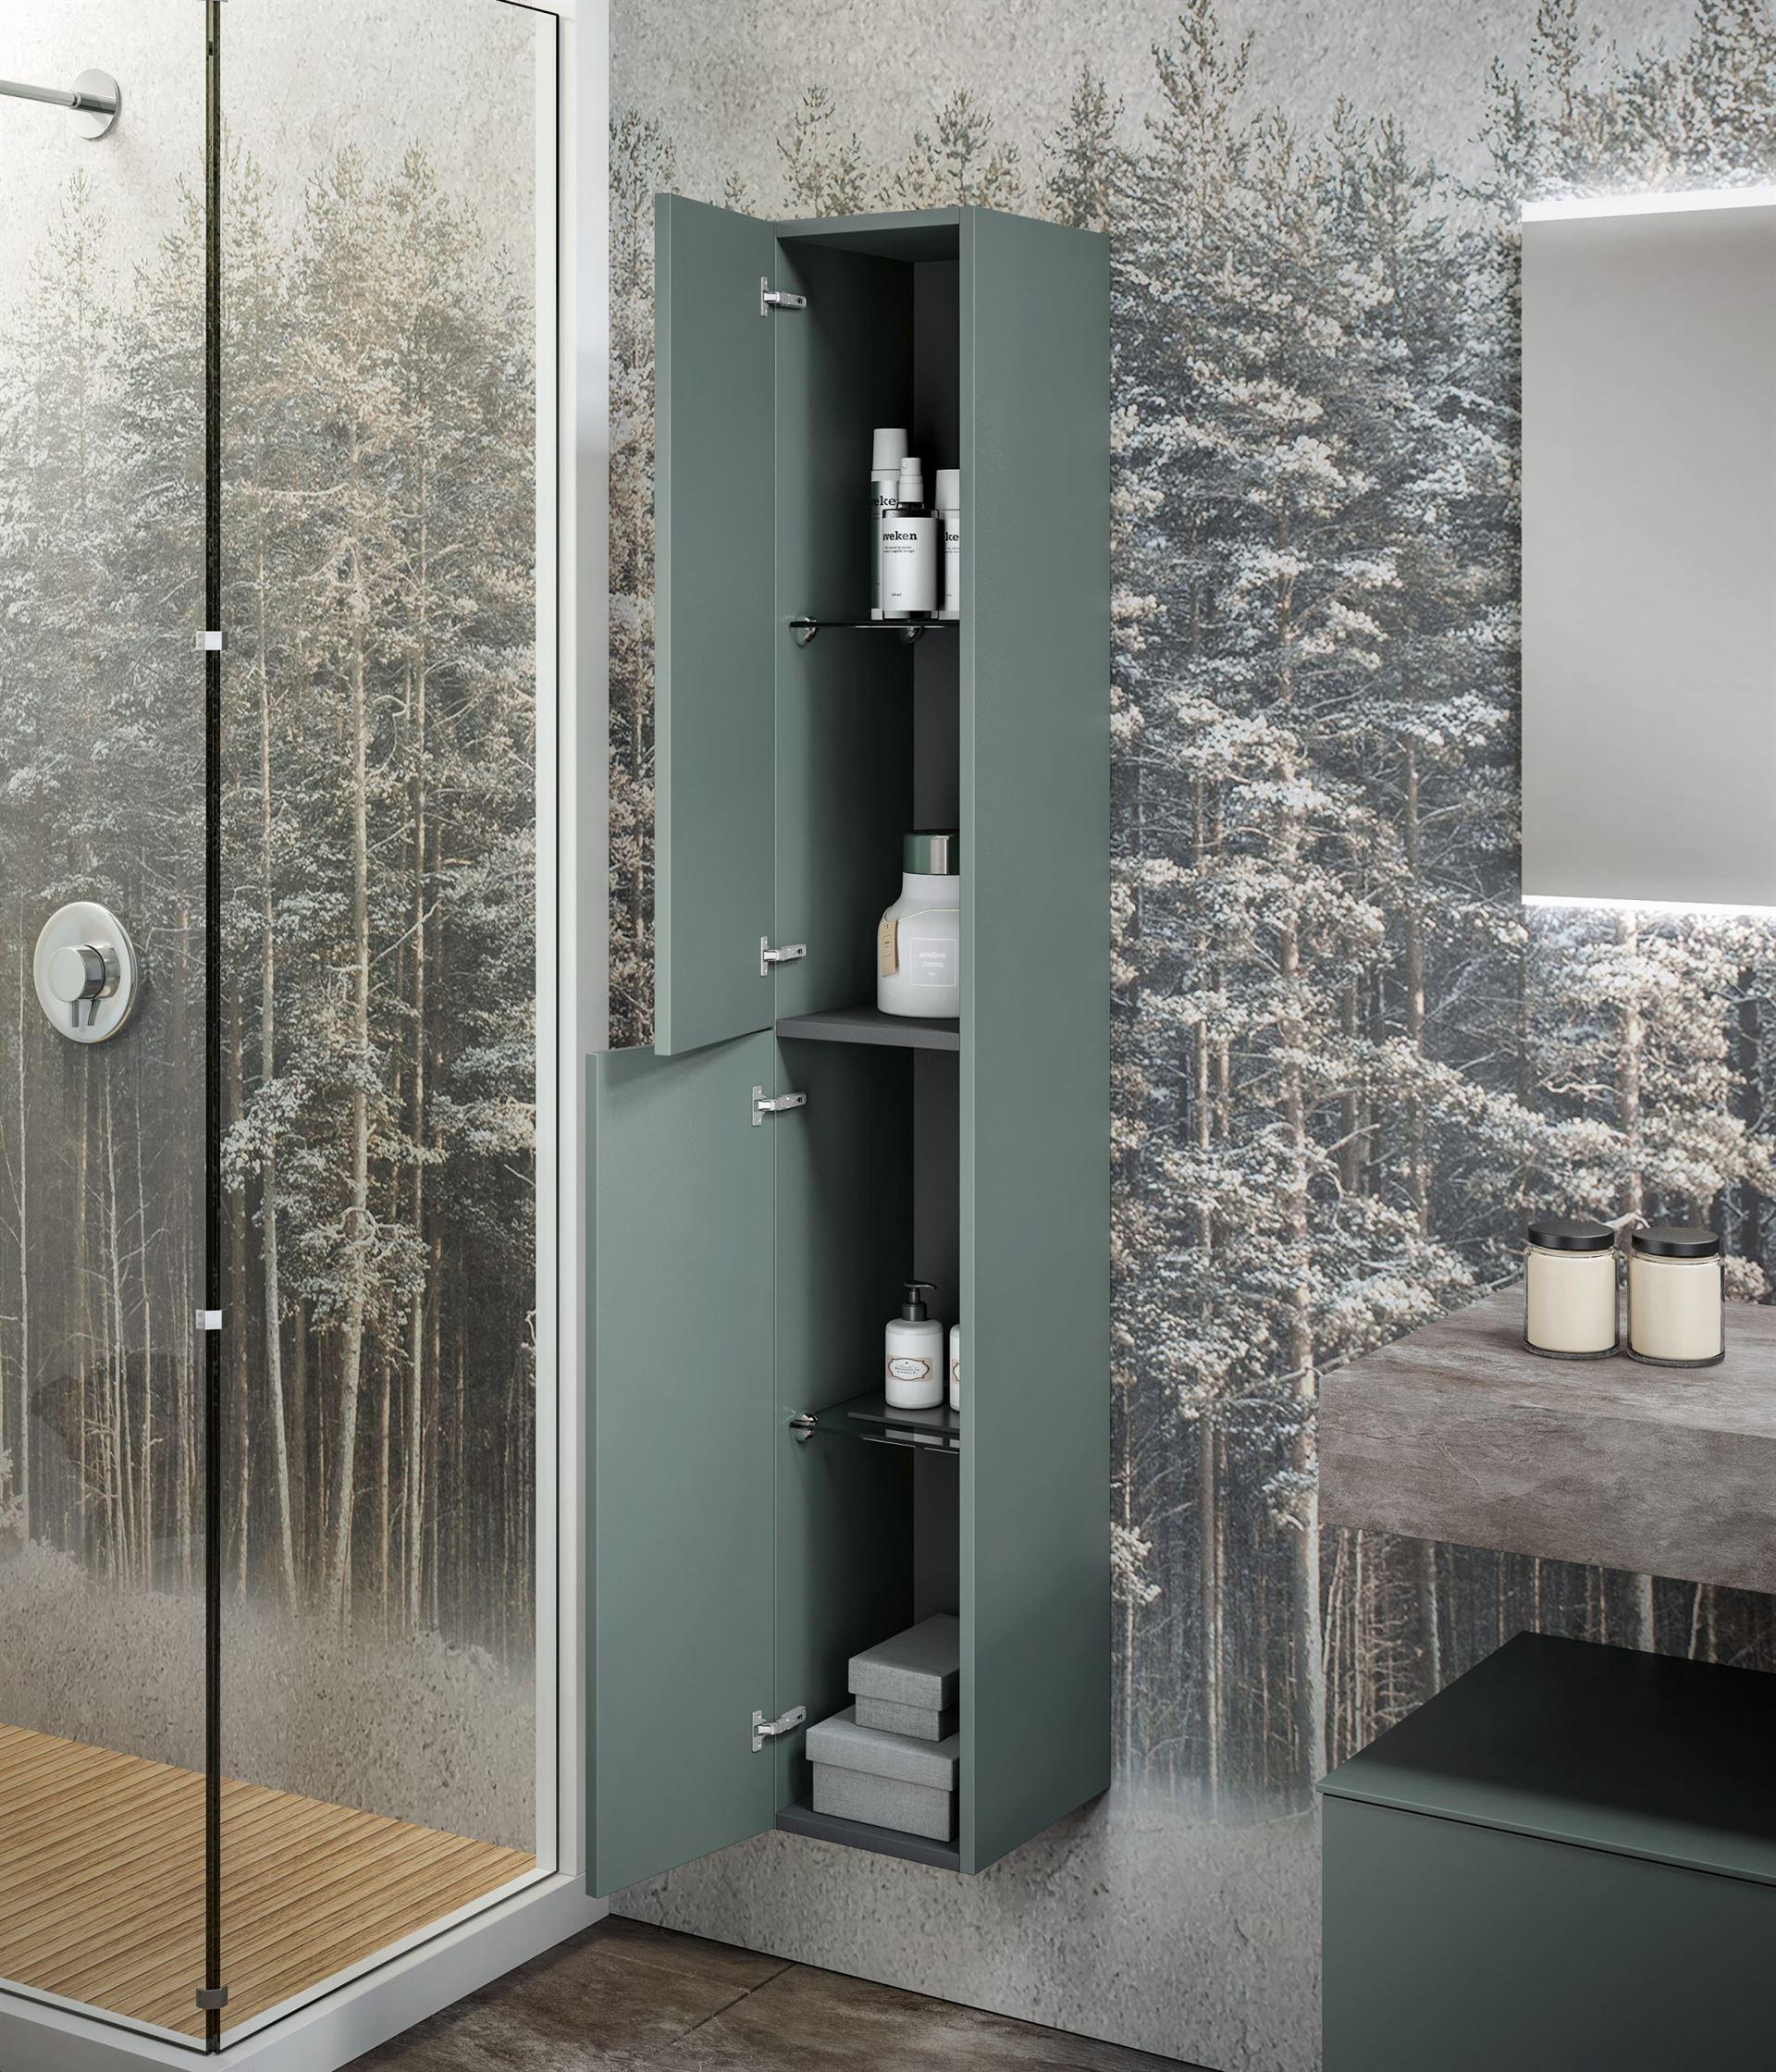 carta da parati per il bagno box doccia grafica alberi, idrosanitaria lecco